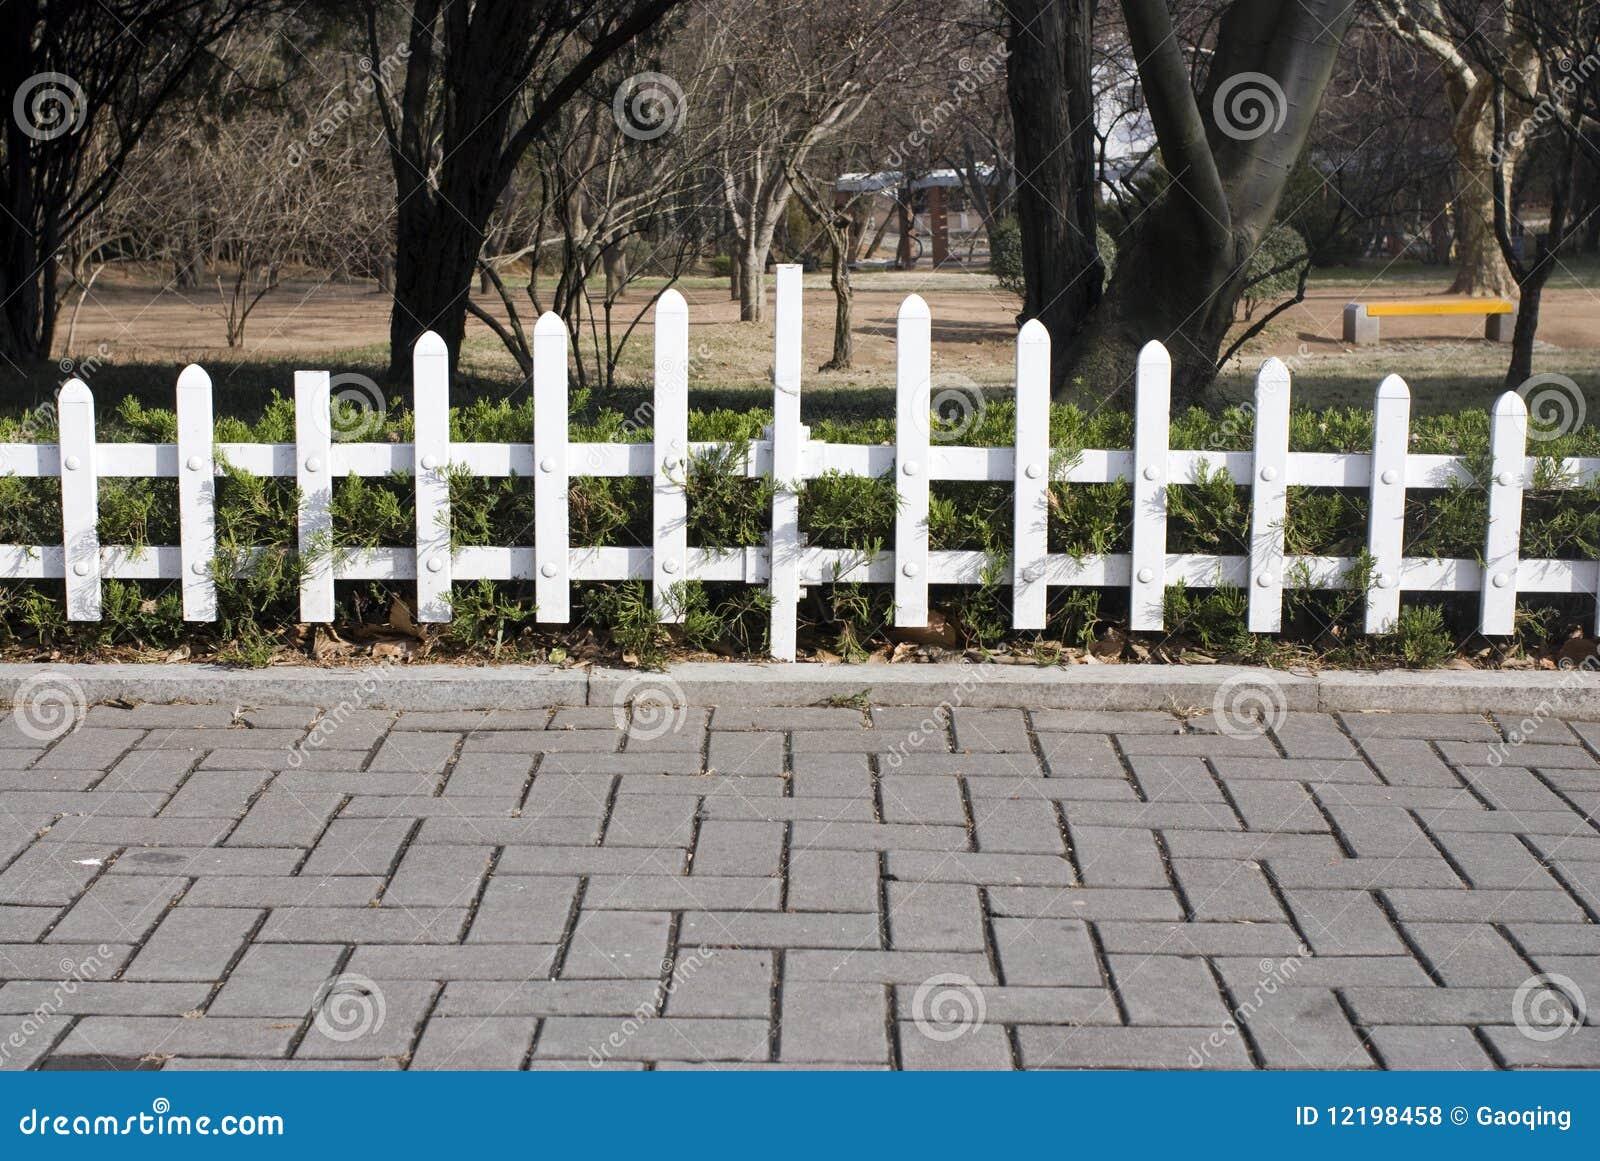 cerca para jardim branca : cerca para jardim branca:Cerca Branca Do Jardim No Outono Atrasado Fotos de Stock Royalty Free